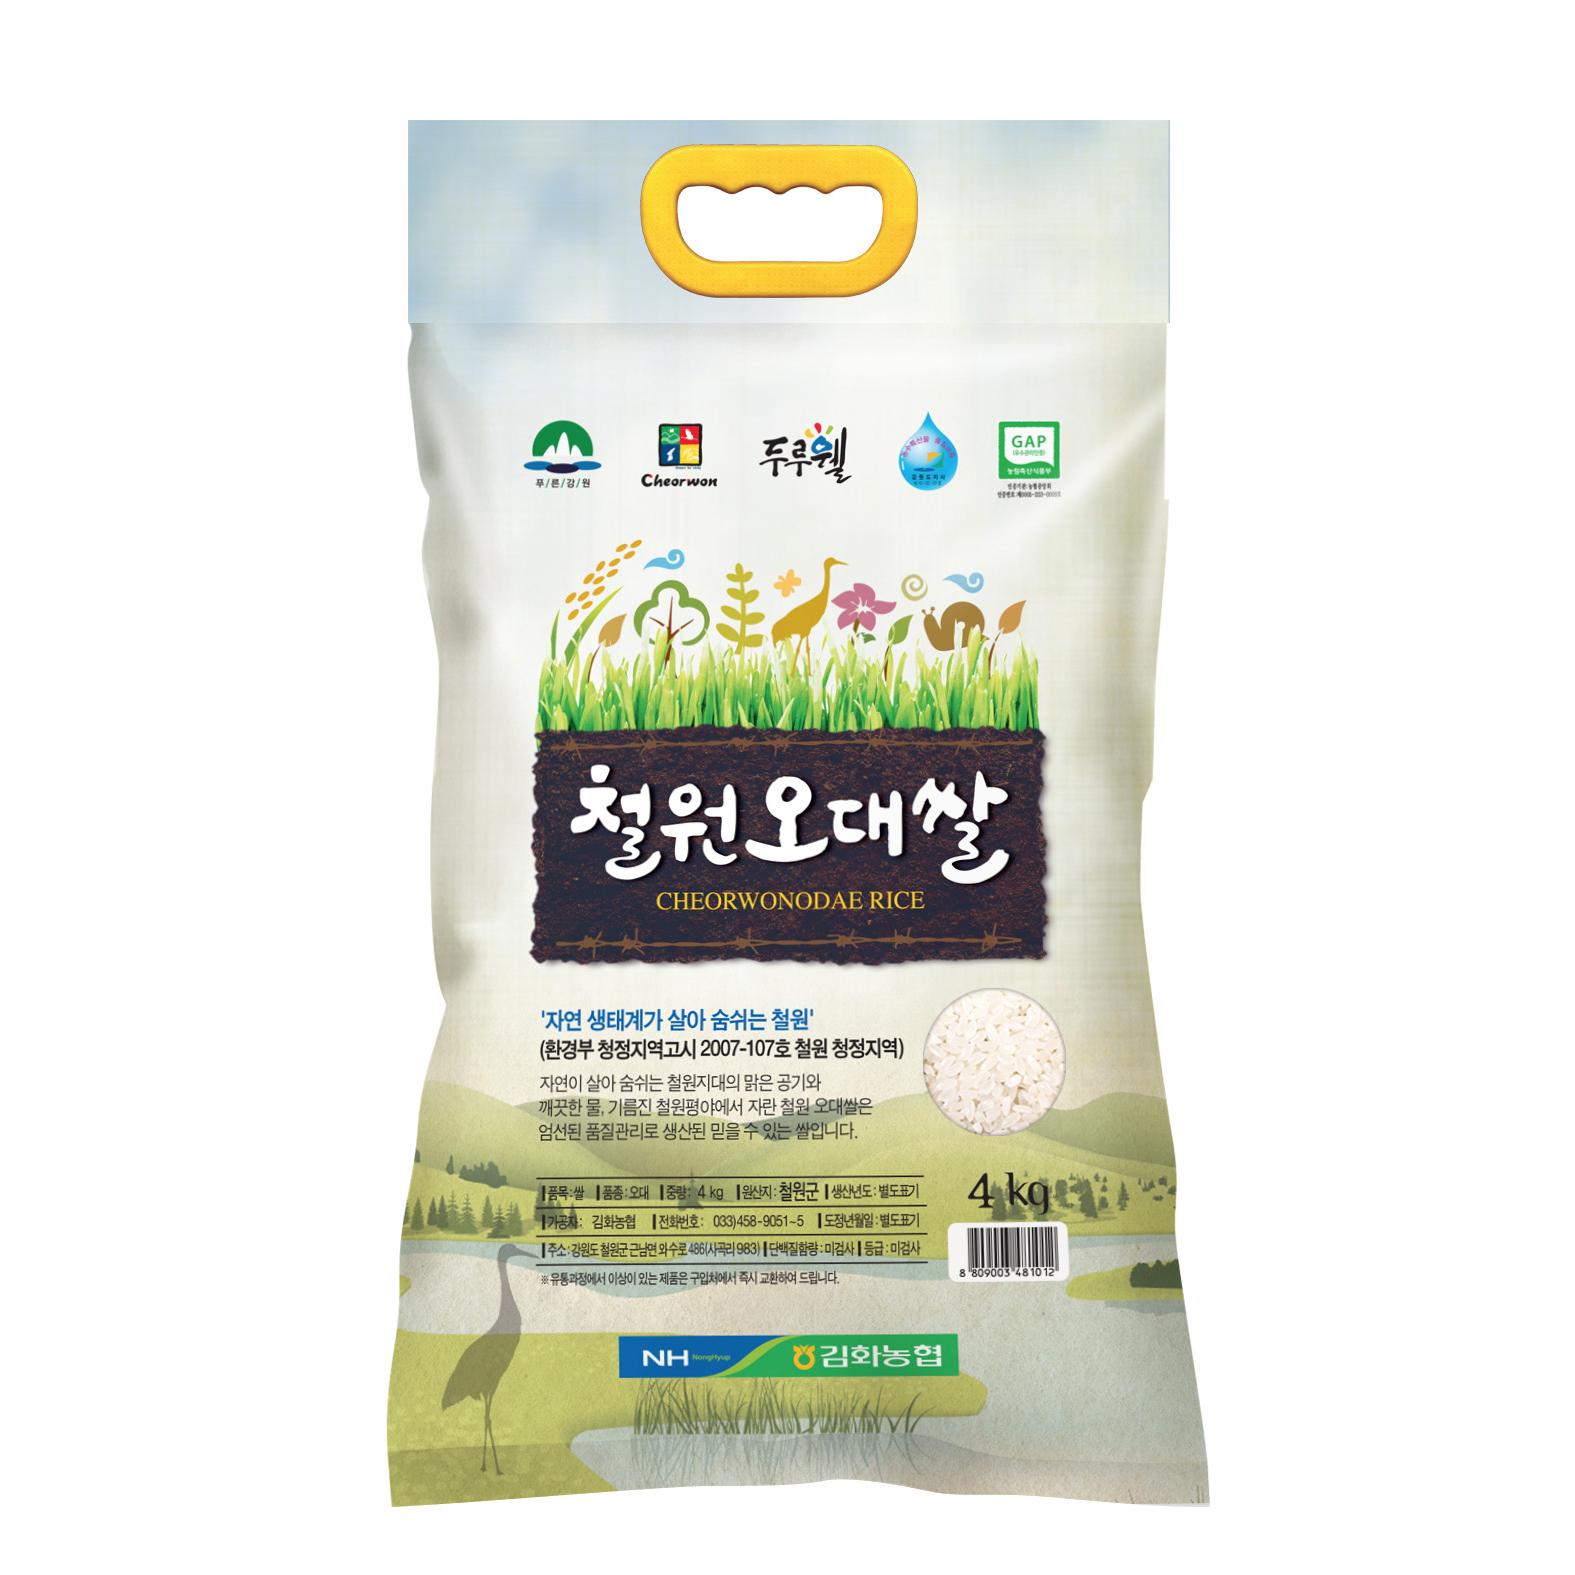 농협 2020년 햅쌀 철원오대쌀 백미, 4kg, 1개